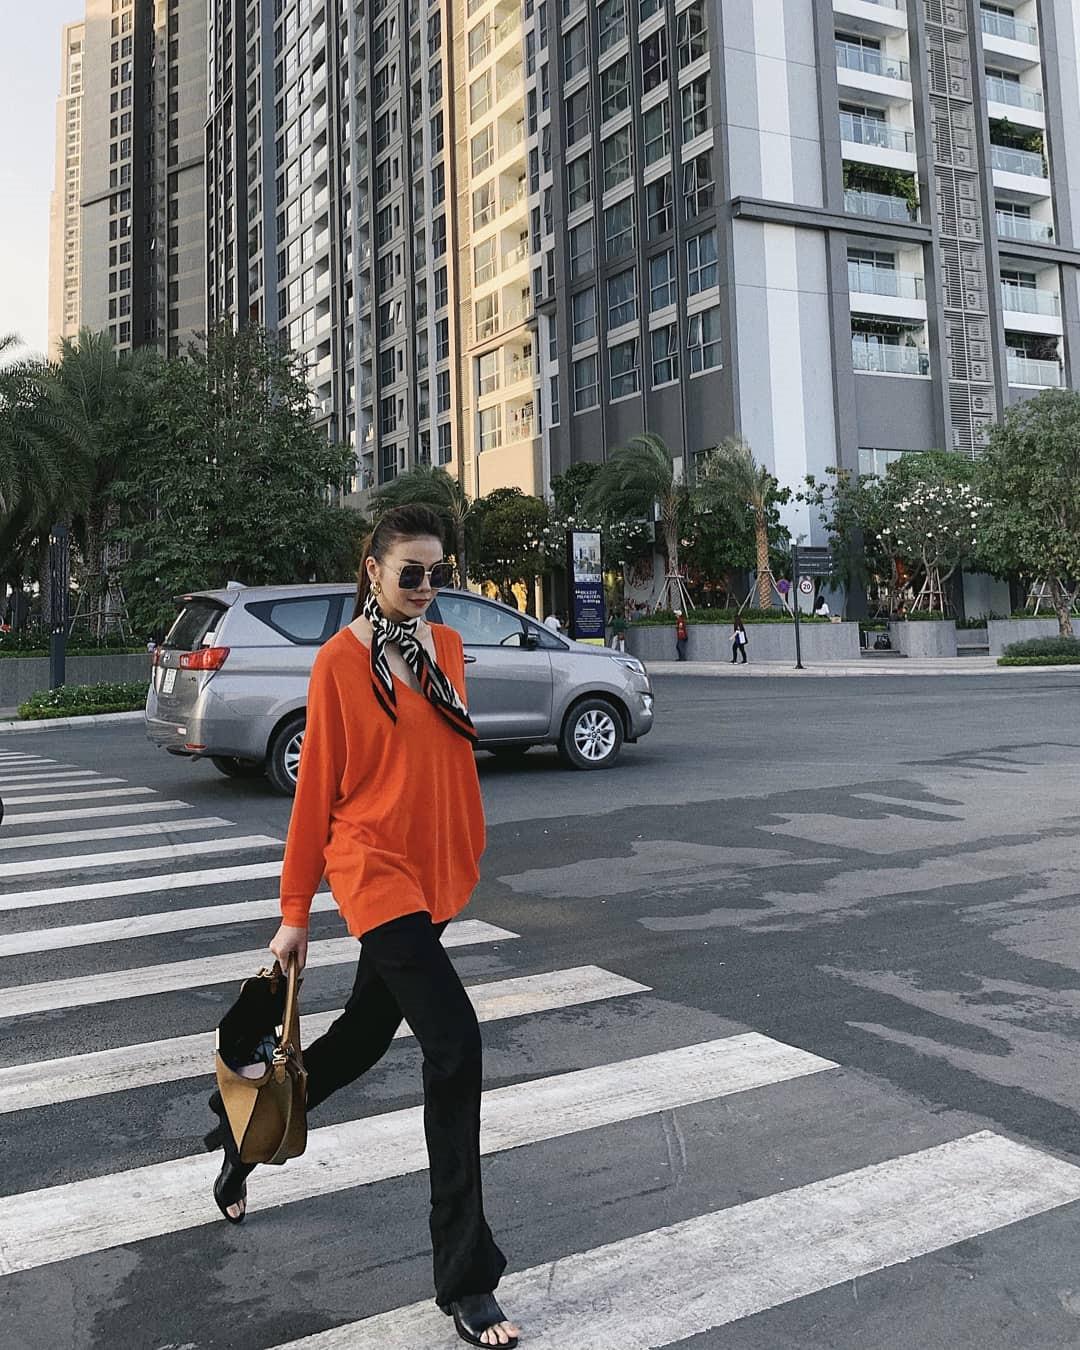 Nhắc đến trang phục dự tiệc hoặc hẹn hò, nhiều người thường mặc định chỉ có váy mới quyến rũ, giúp các cô gái ghi điểm trong mắt người ấy. Trên thực tế, có nhiều cách để diện quần tây, jeans mà vẫn đẹp và quyến rũ. Thanh Hằng là một trong những sao Việt rất chuộng style mạnh mẽ này.